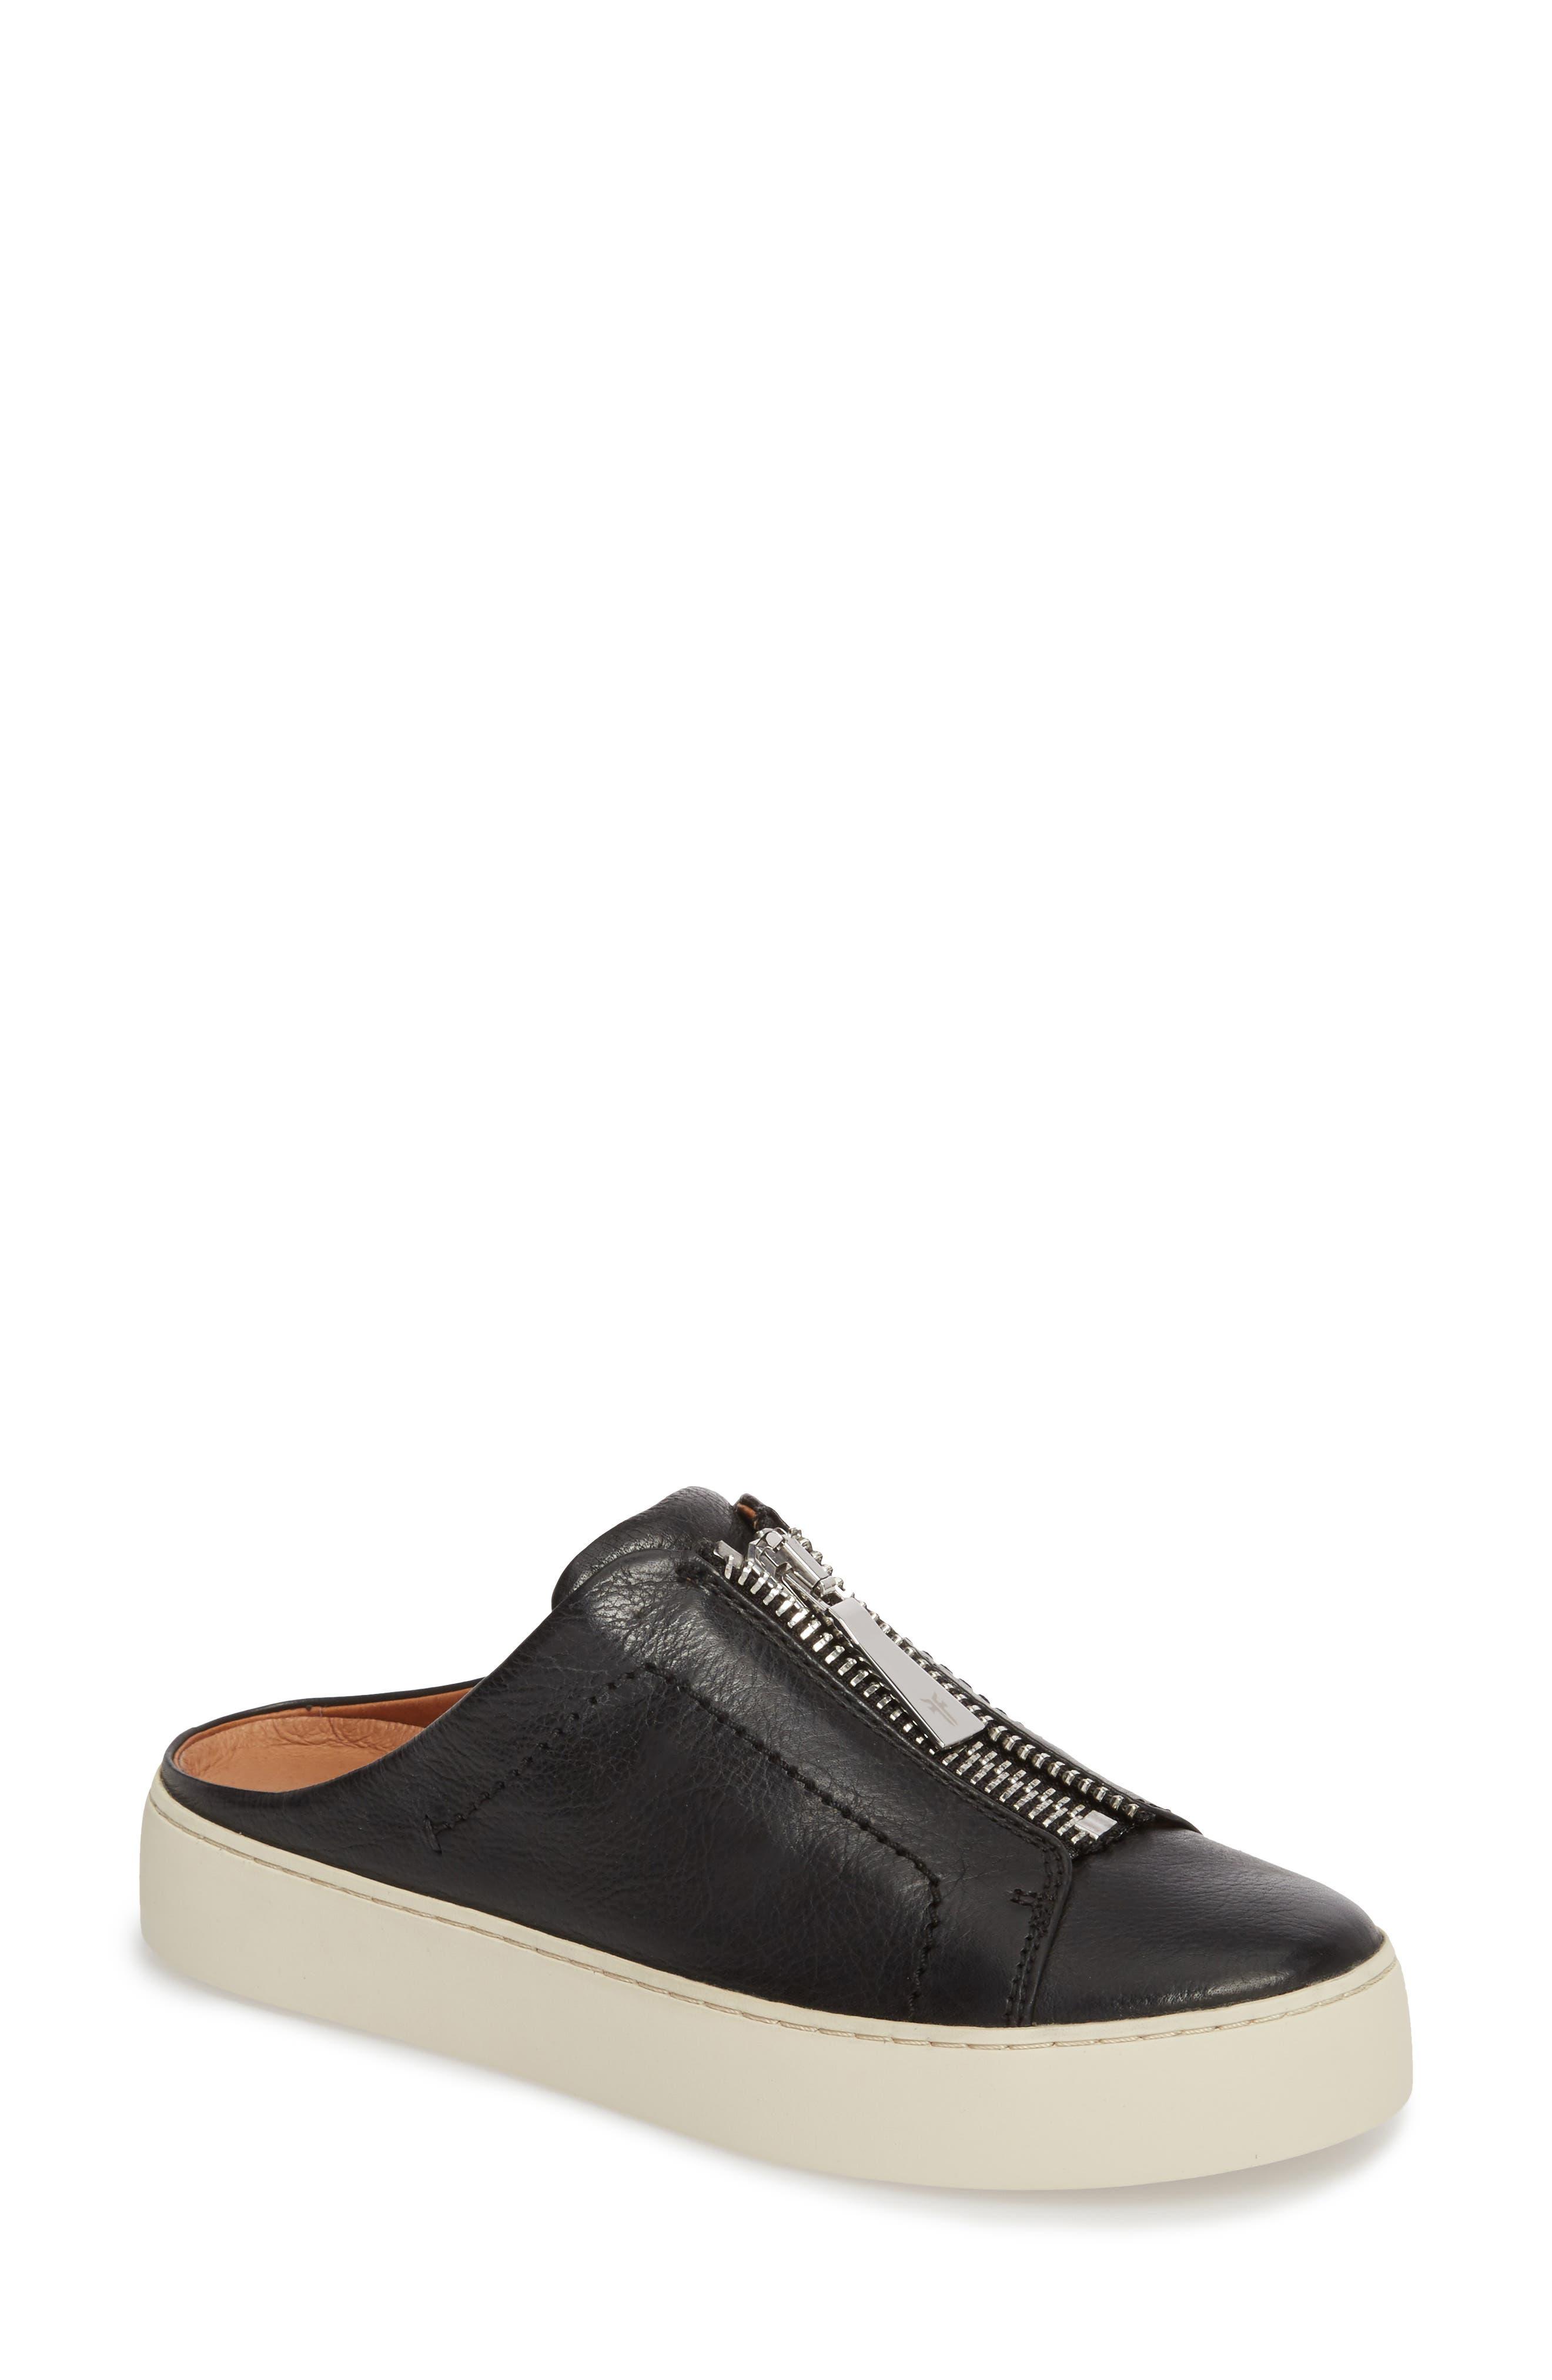 Lena Platform Sneaker Mule,                         Main,                         color, 001